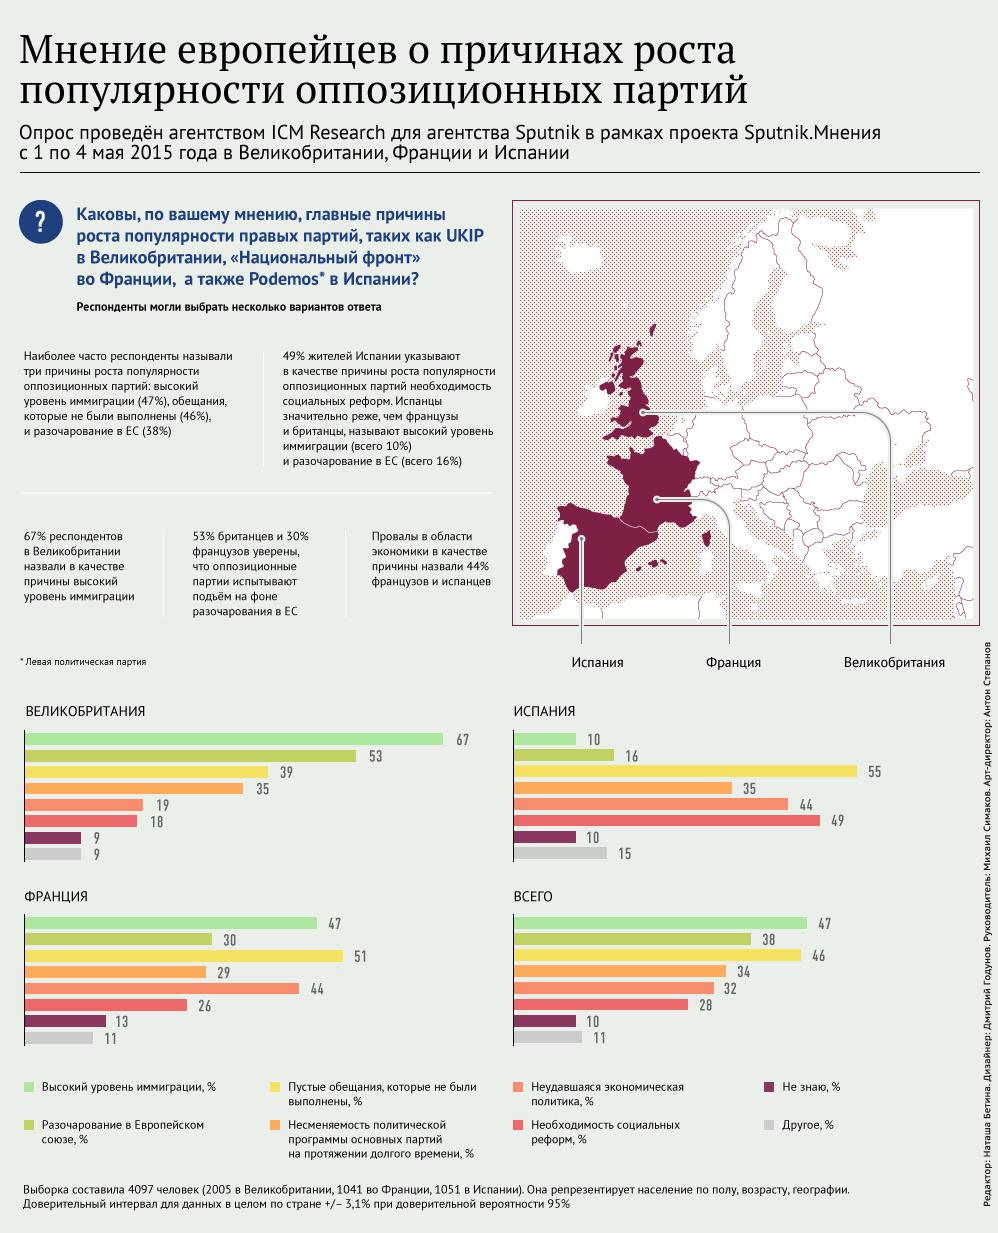 Популярность оппозиционных партий в Европе